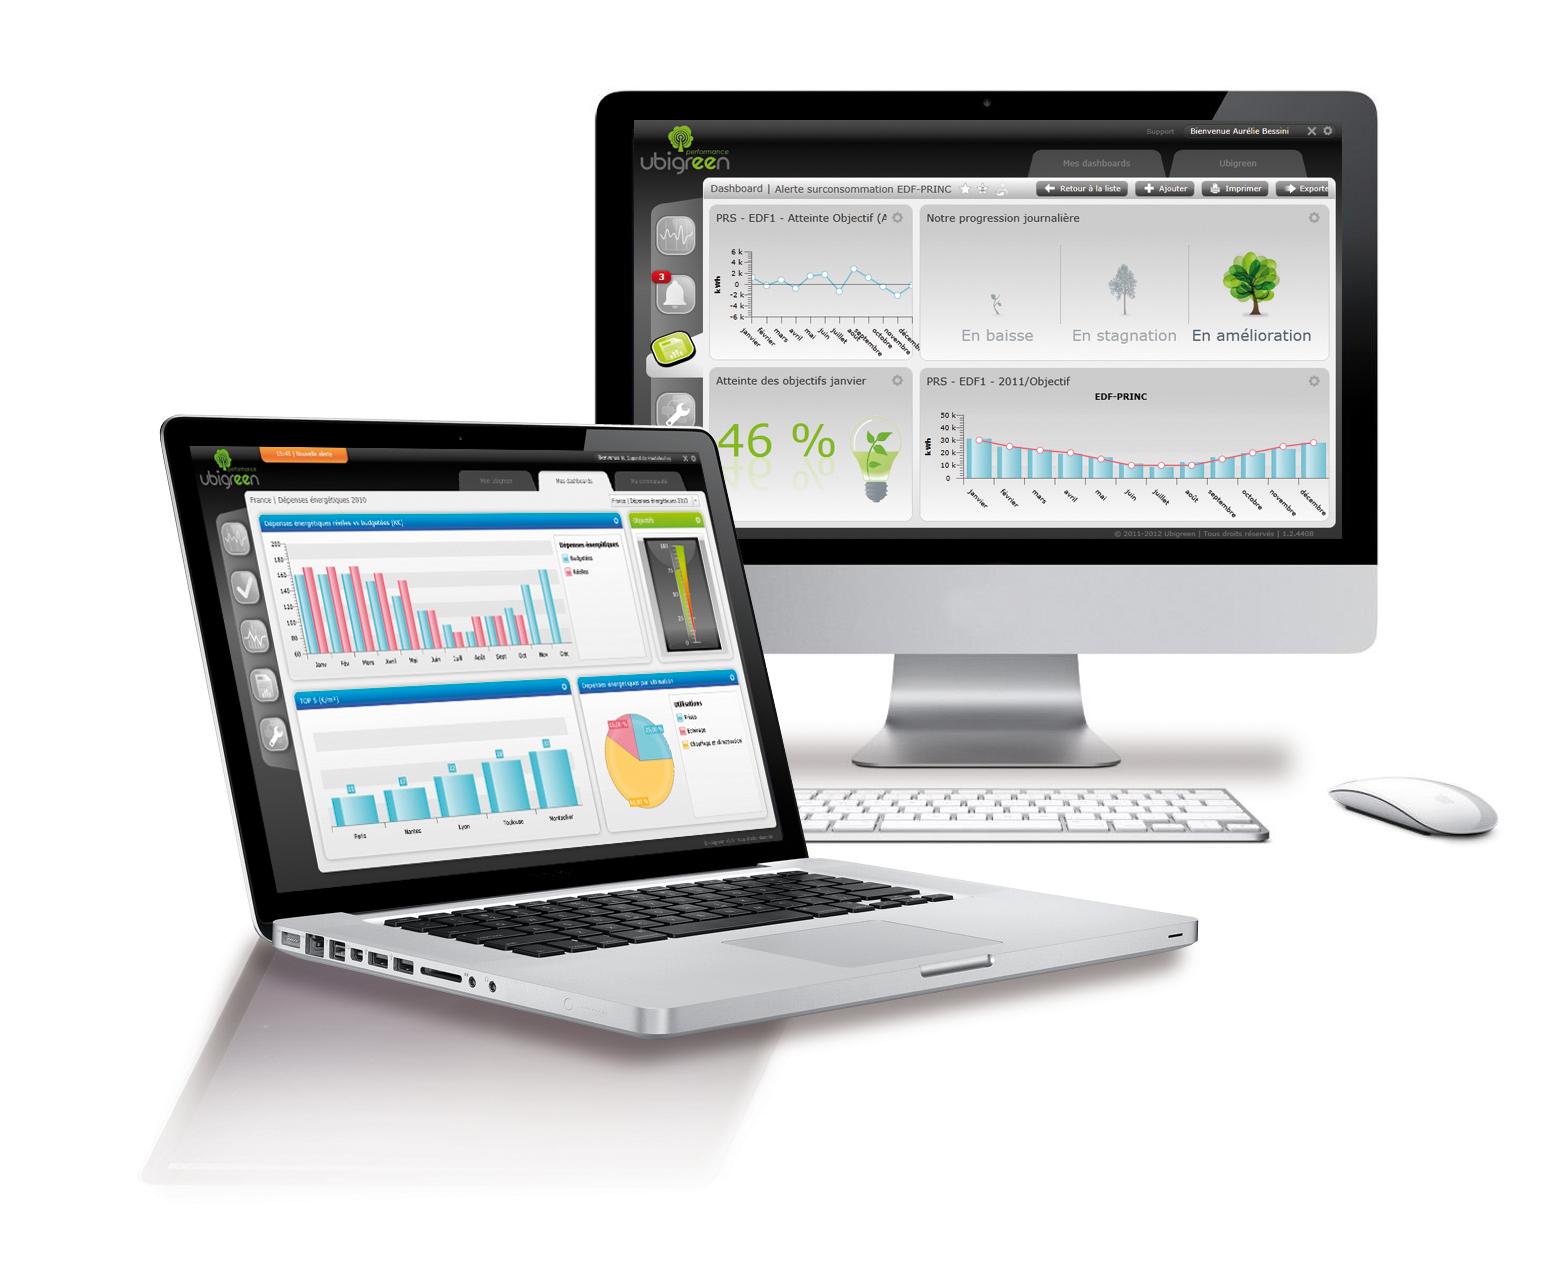 DR : Ubigreen. Les données sont collectées le plus souvent par télérelève ou encore via des Web services pour être mises à disposition des usagers, de l'exploitant, de l'Energy Manager, du financier, via un système d'information énergétique (SIE).